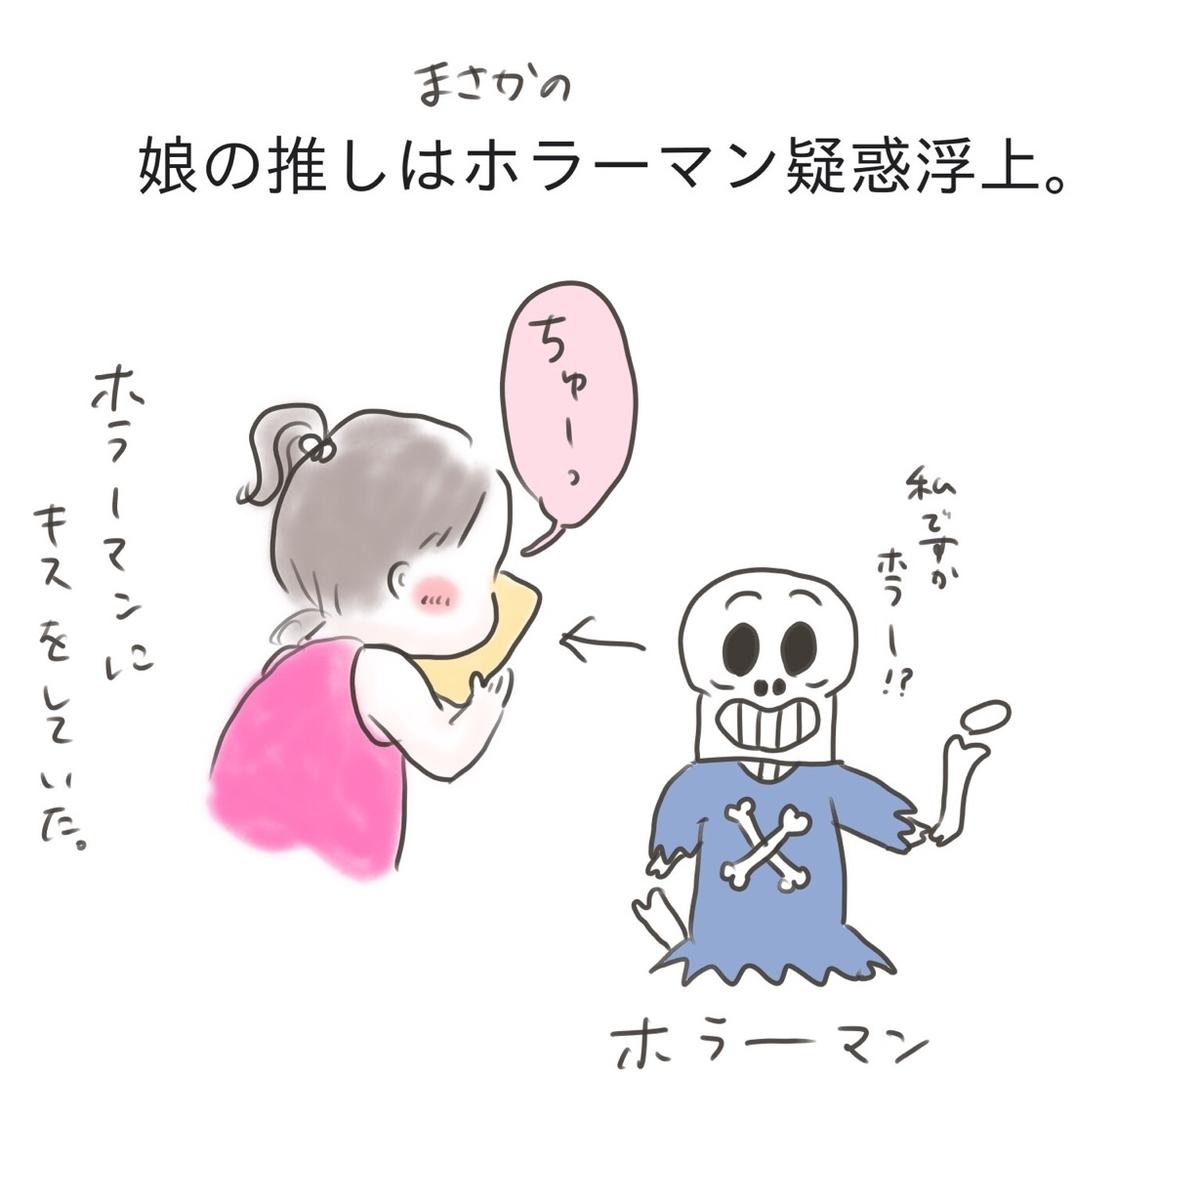 f:id:tarotaroko:20190731161321j:plain